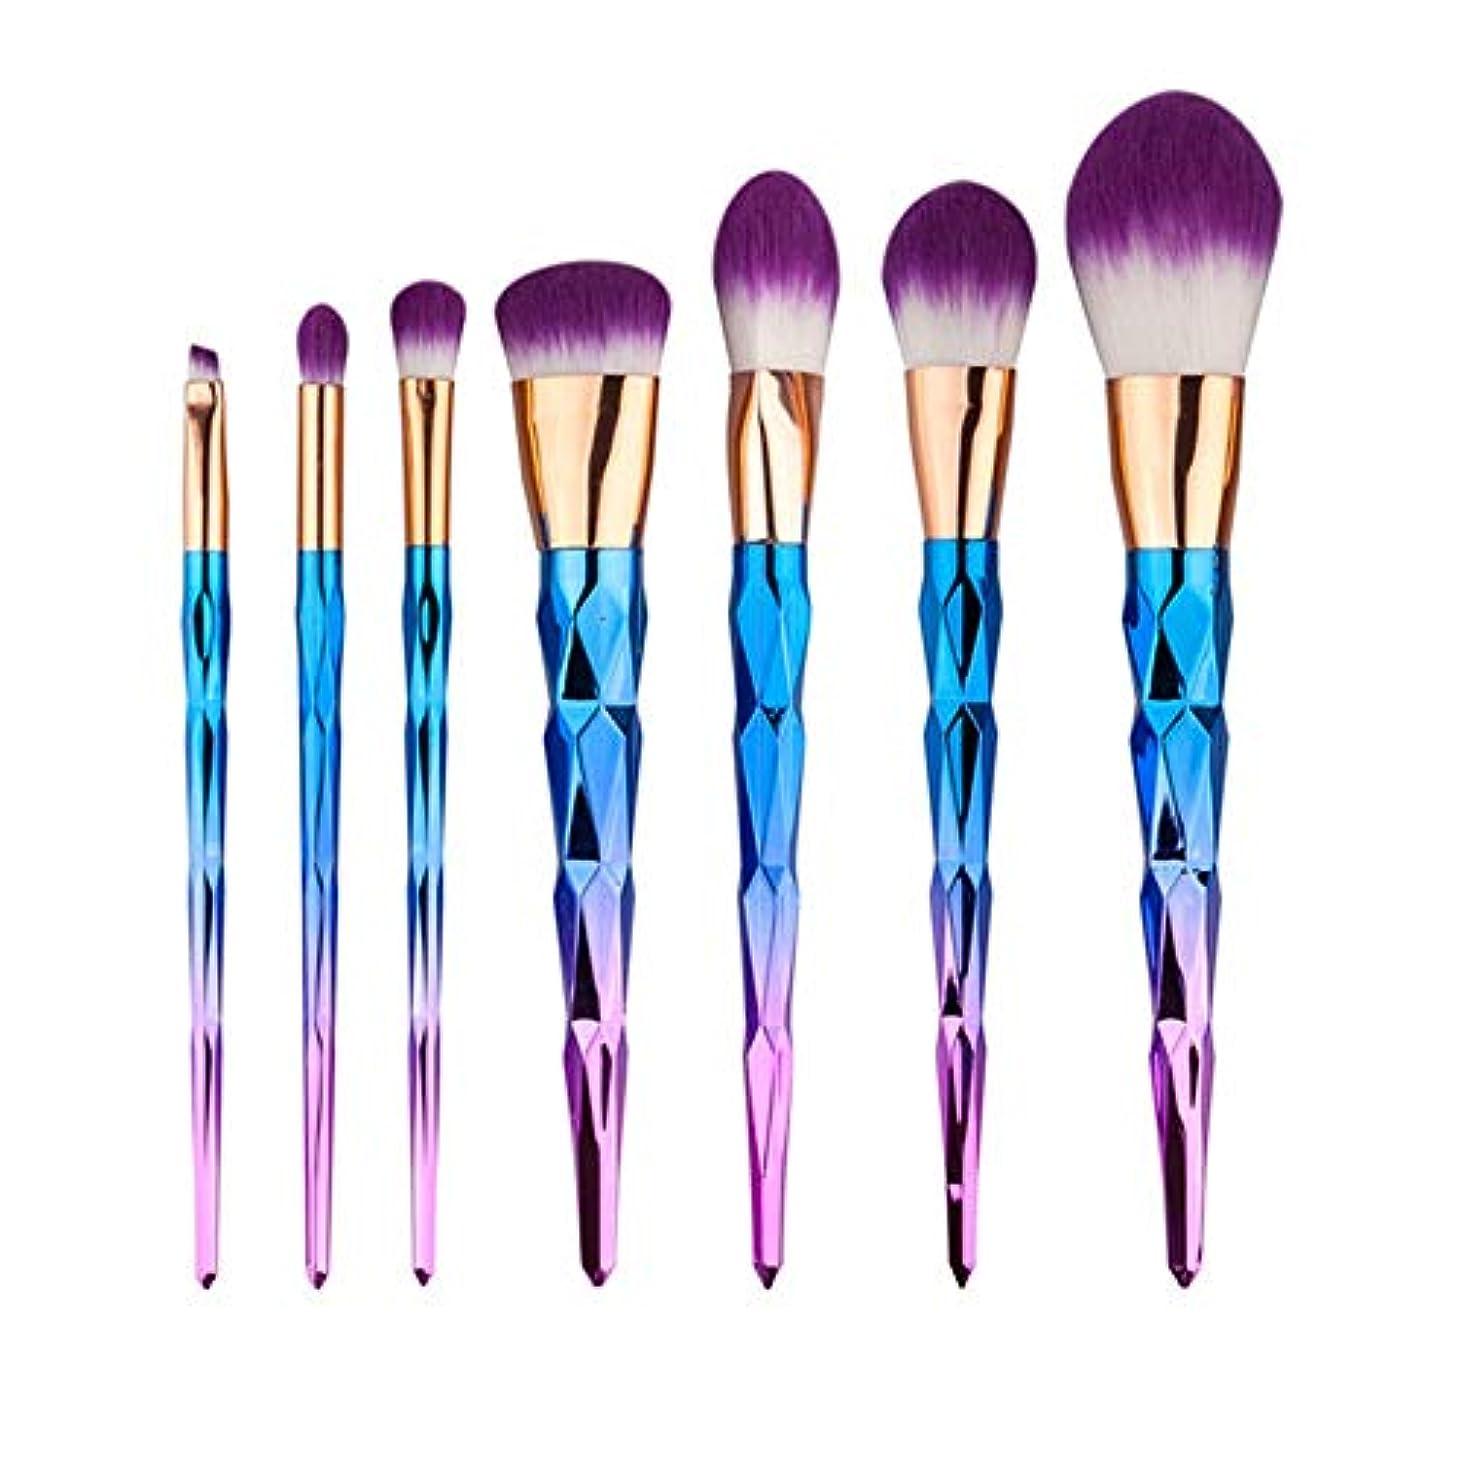 暗殺するピケ最もMakeup brushes 7.グラデーションダイヤモンドドリルブラシセットユニコーンの美しさとメイクアップツール suits (Color : Rainbow)